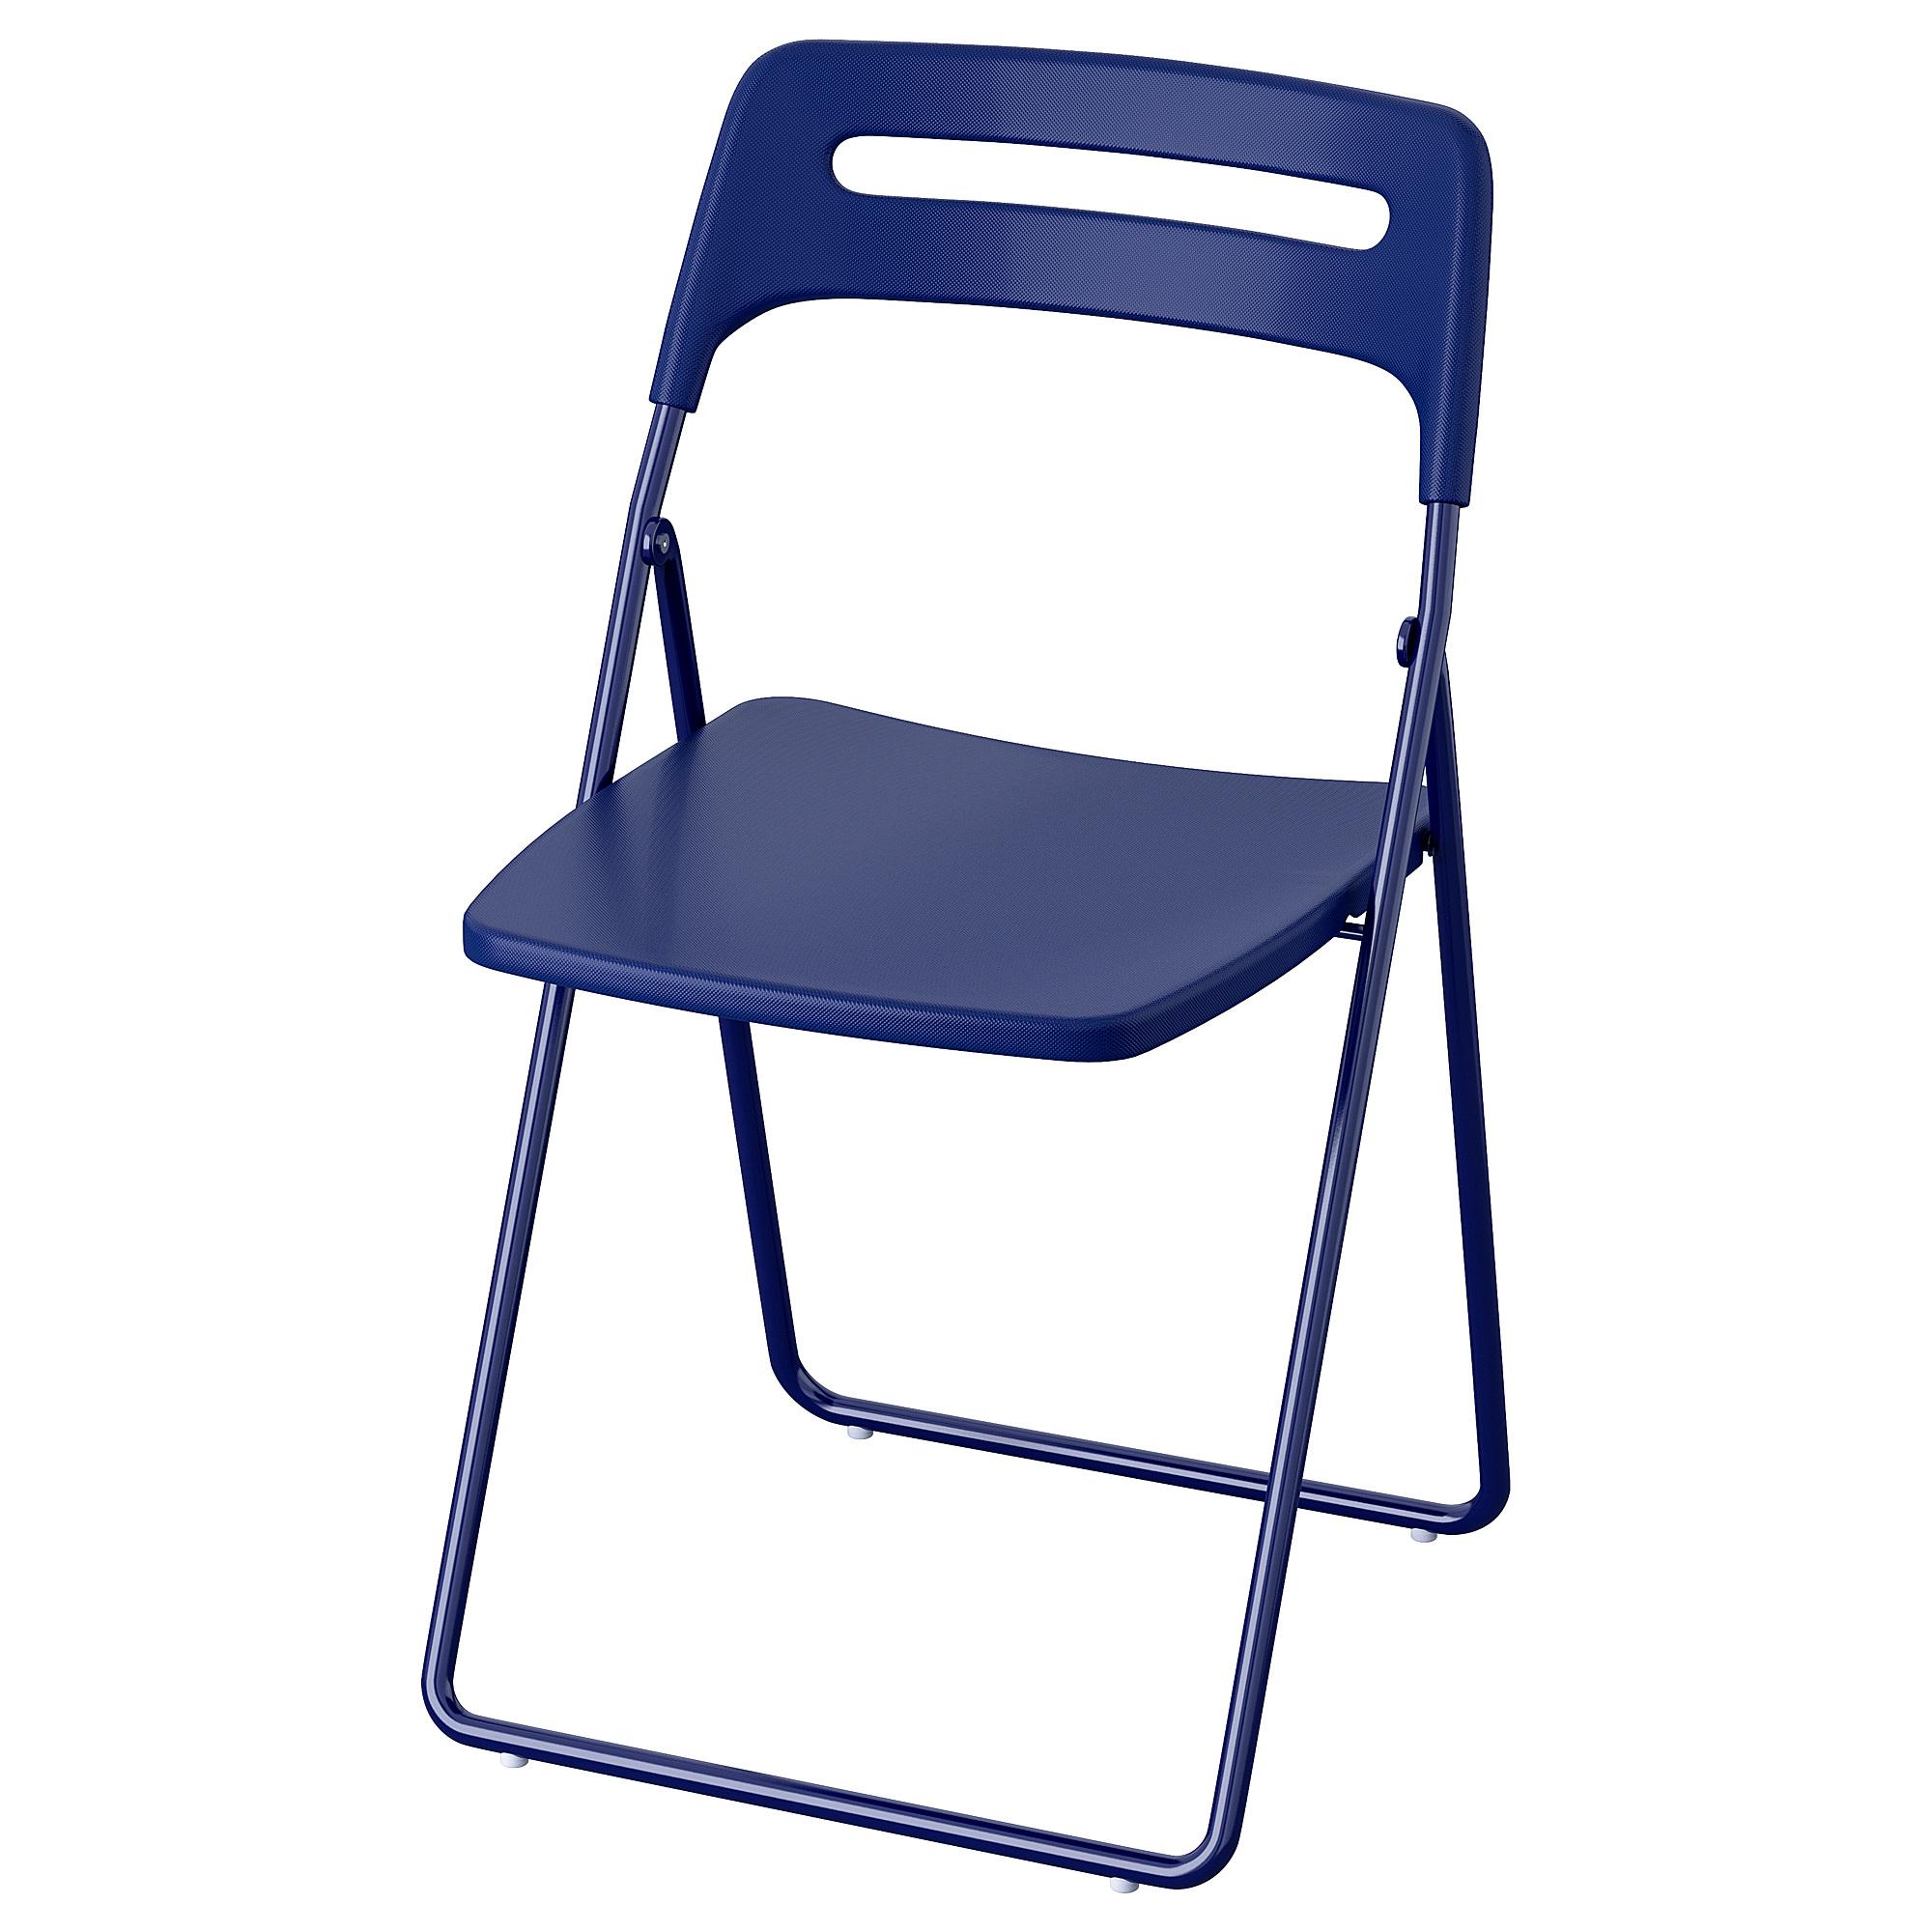 折疊椅, , 深藍色/紫色, 另有其他顏色可選擇